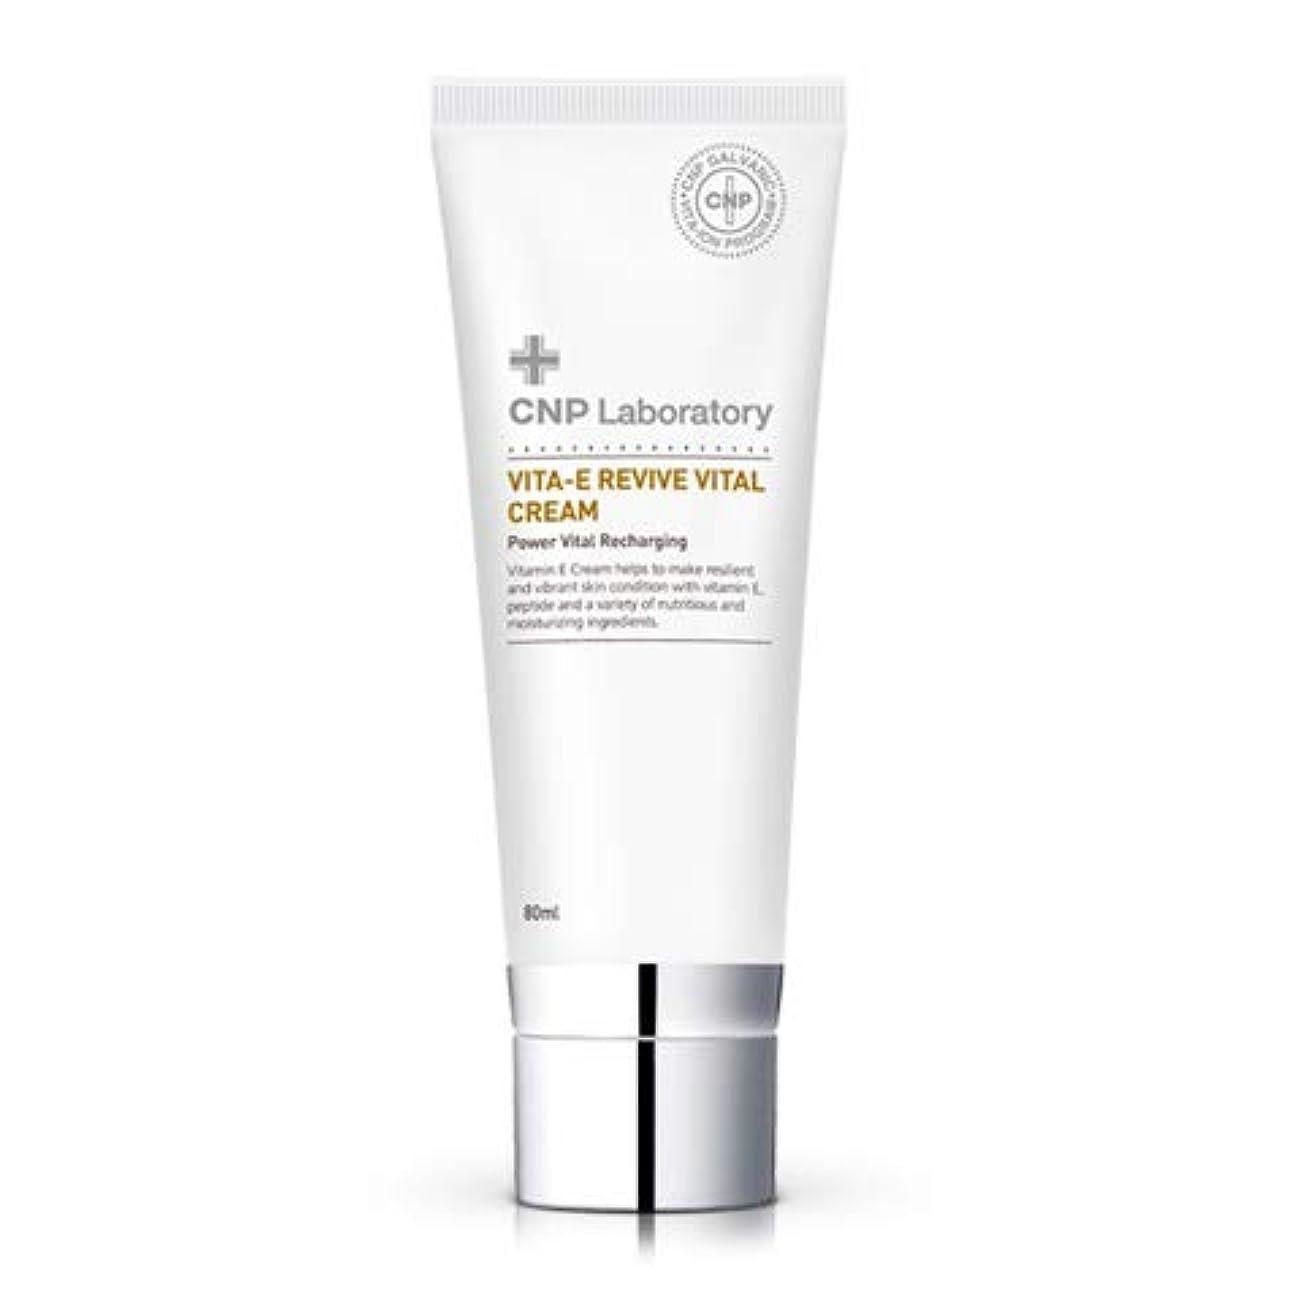 つま先ソビエト騒乱CNP Laboratory Vita - Eリバイブバイタルクリーム/Vita - E Revive Vital Cream 80ml [並行輸入品]